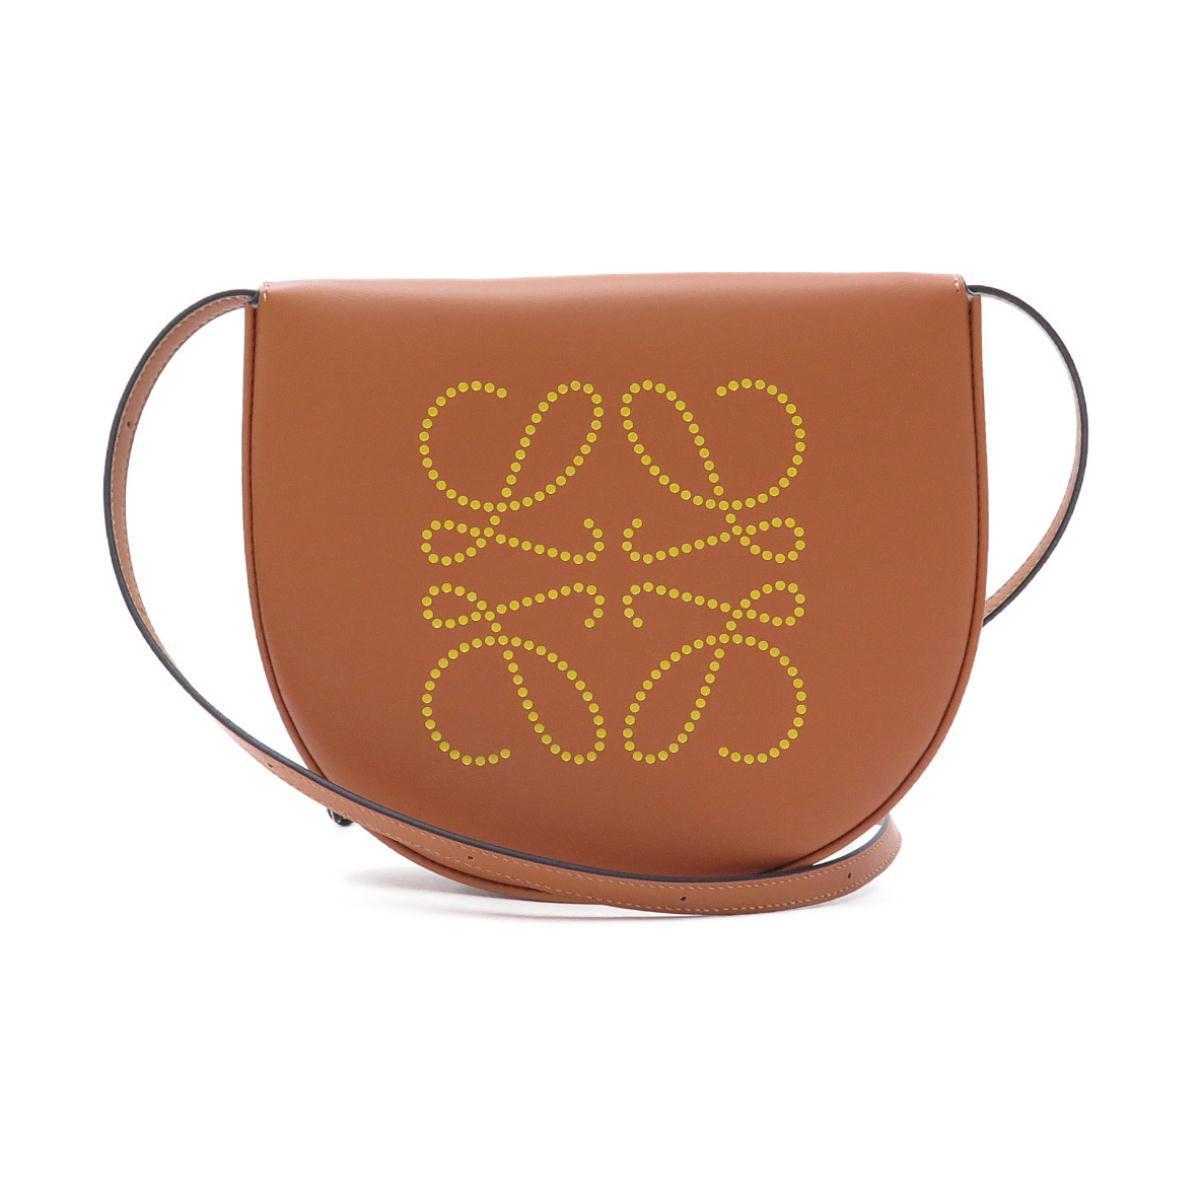 ロエベのエンブレムが刻まれたバッグ